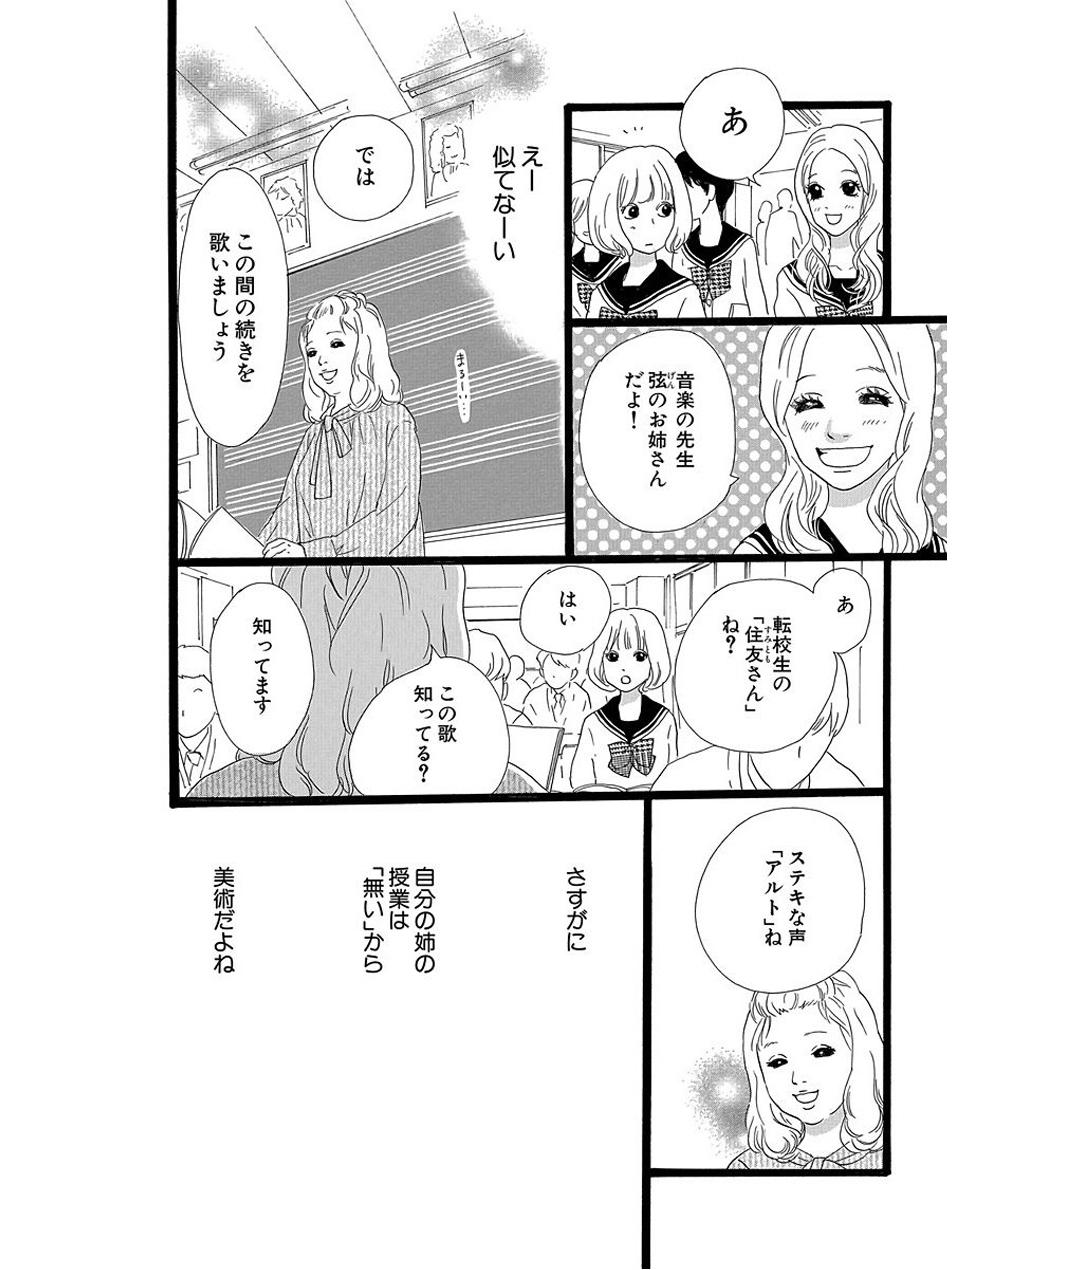 プリンシパル 第1話 試し読み_1_1-36